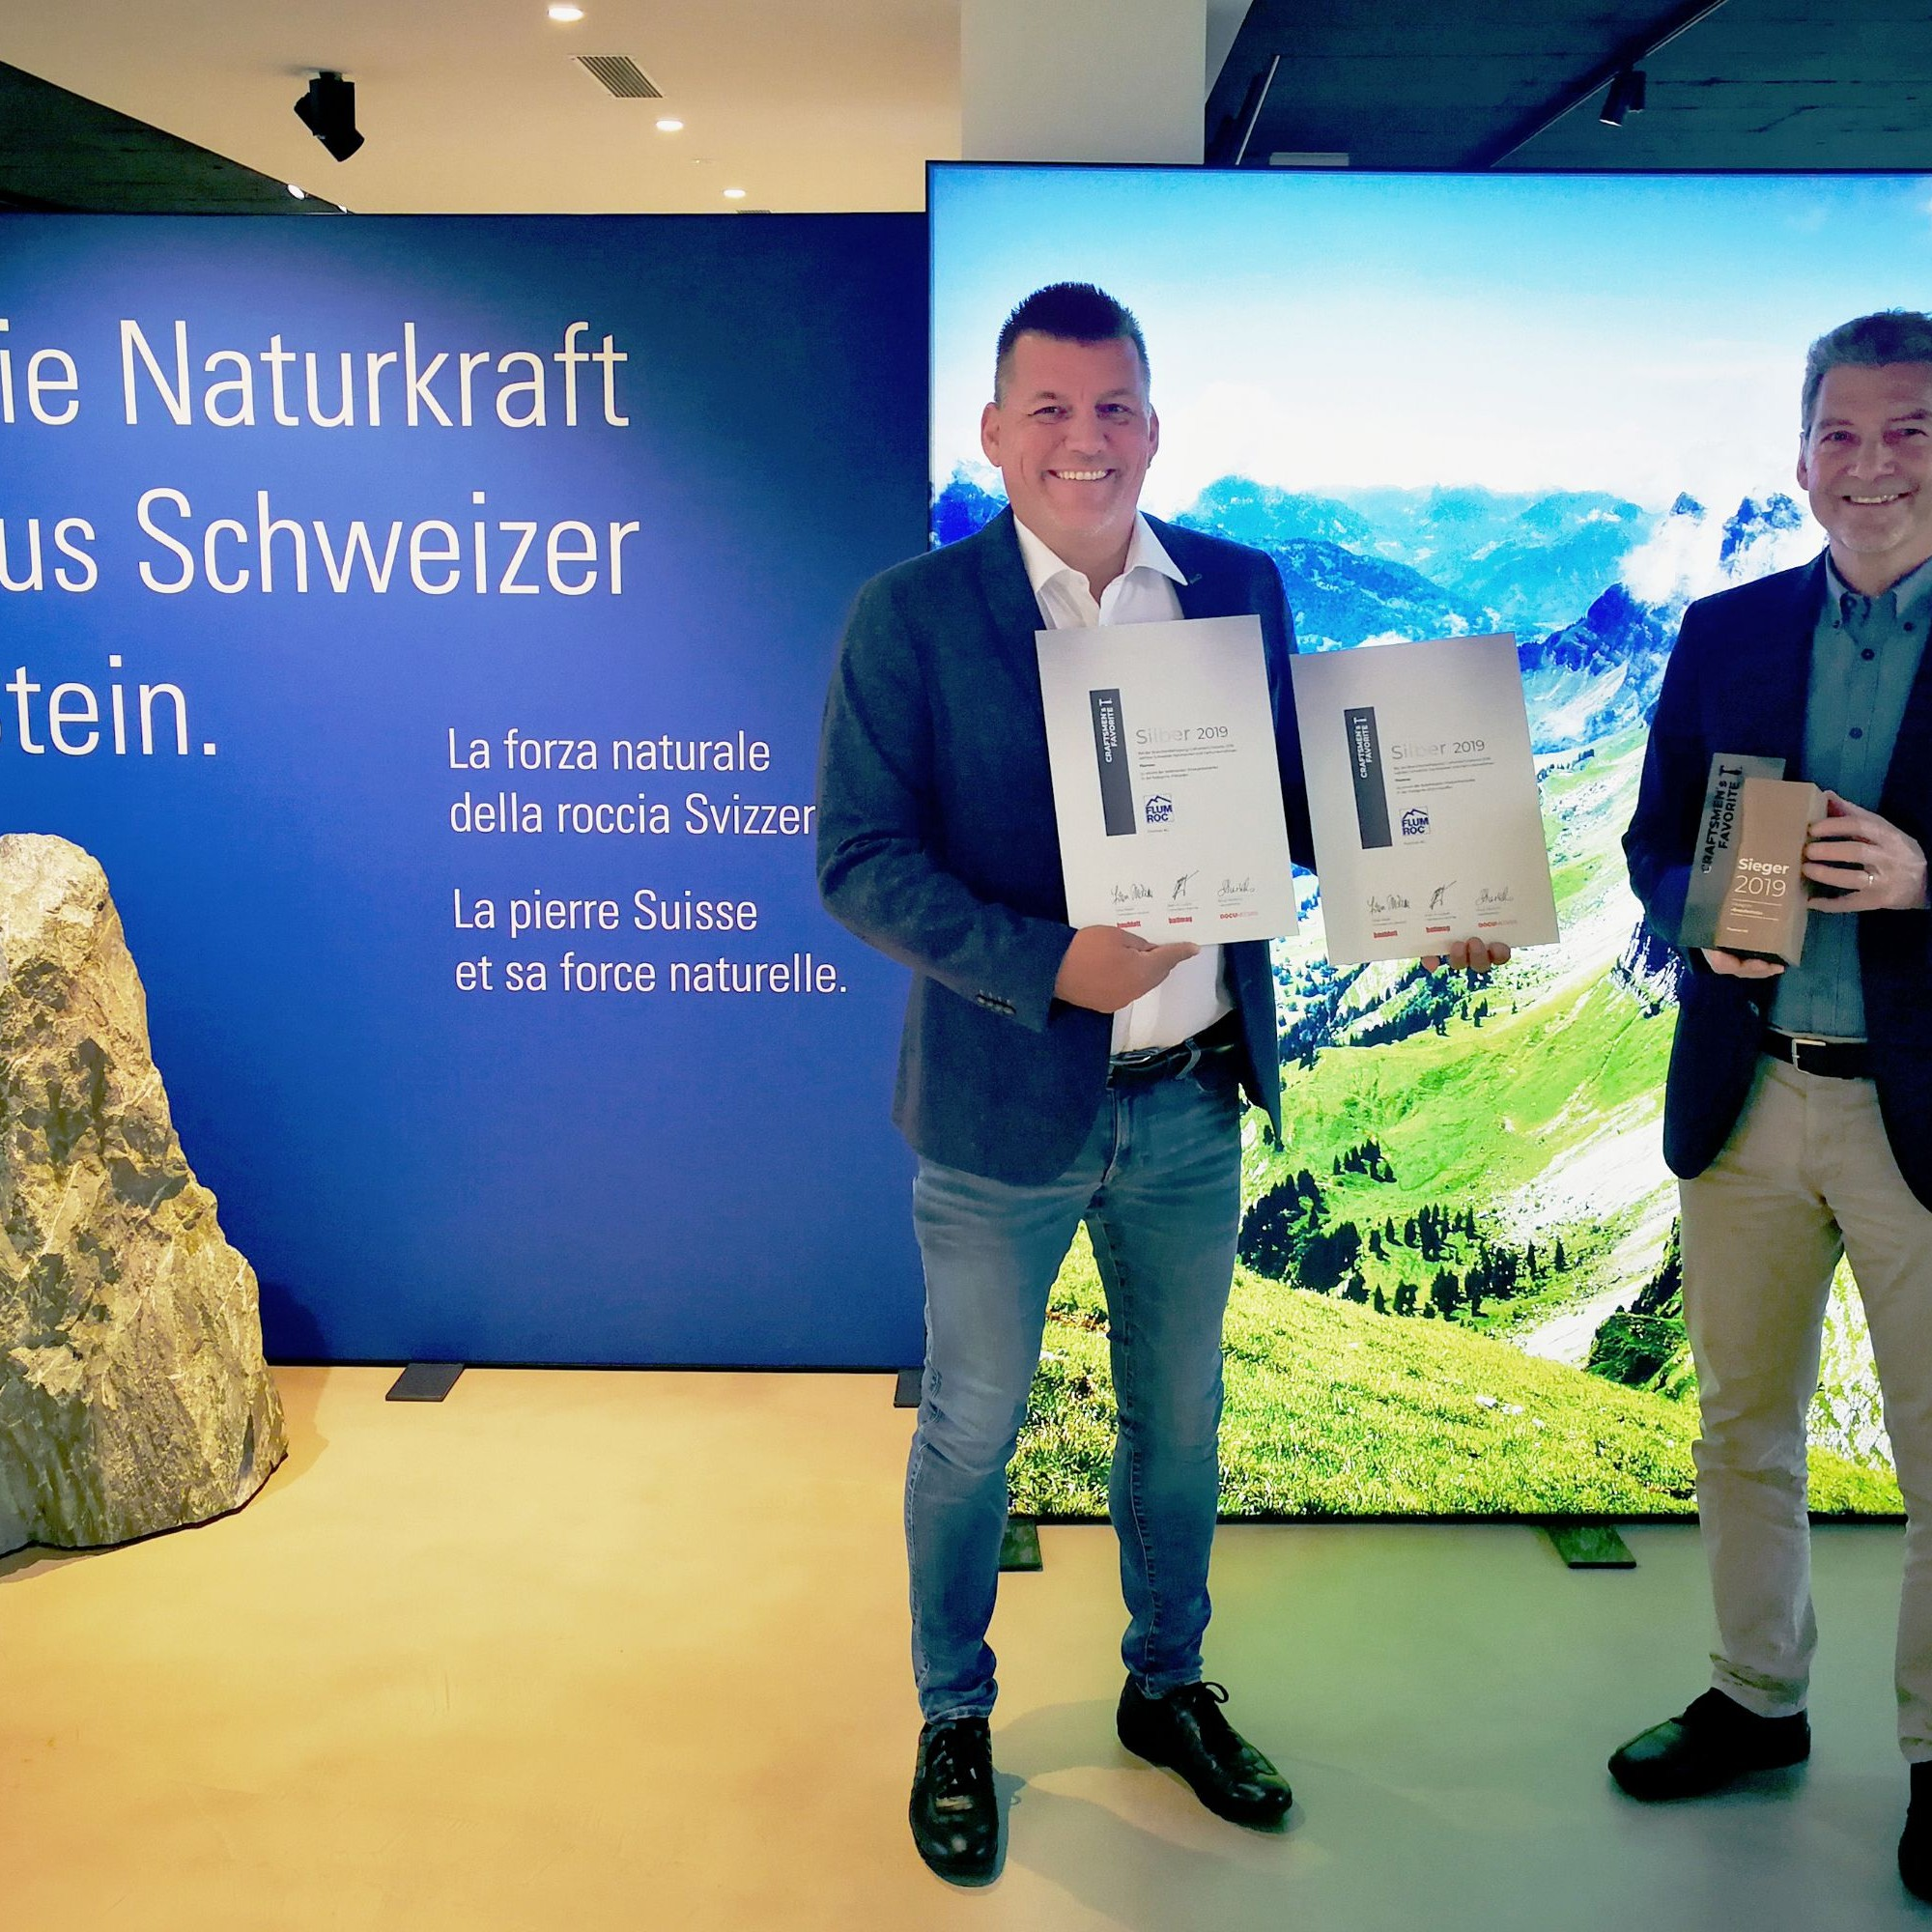 Bedanken sich im Namen von Flumroc bei den Bauprofis für drei Auszeichnungen (von links):Franz Kainz, Leiter Verkauf, und Kurt Frei, Geschäftsführer.